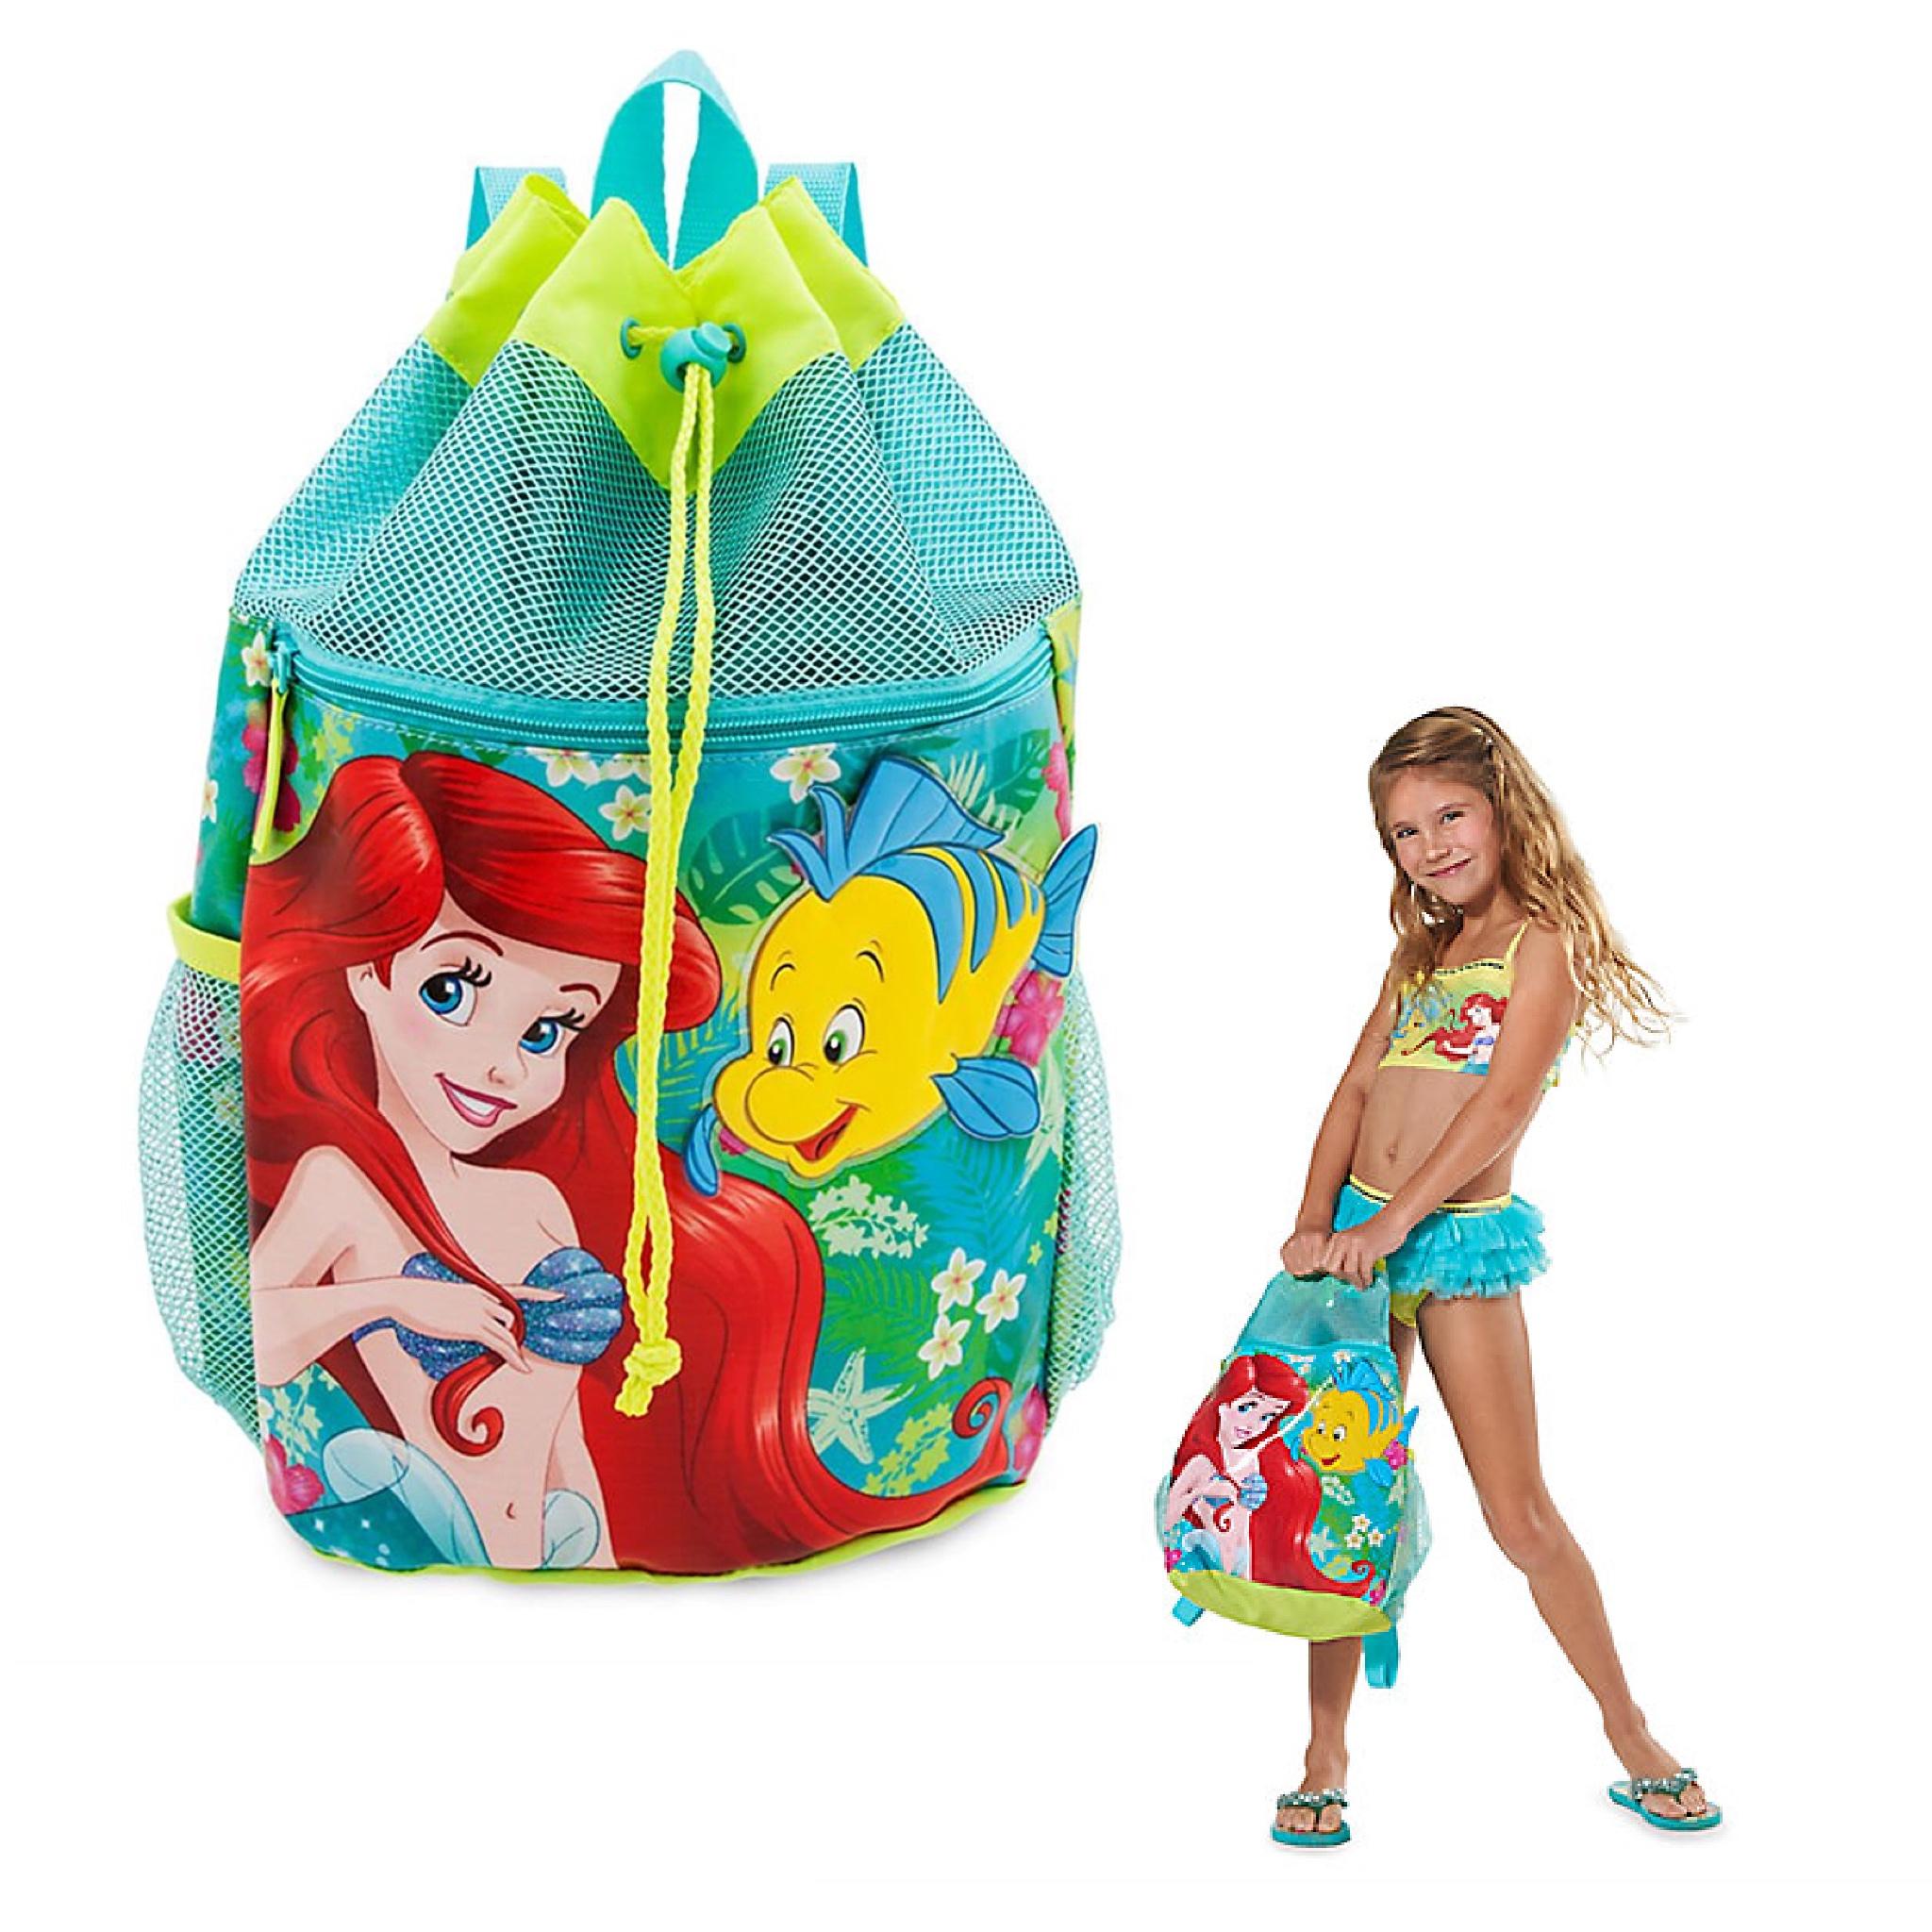 กระเป๋าสะพายเป้กันน้ำ Disney Ariel Swim Backpack